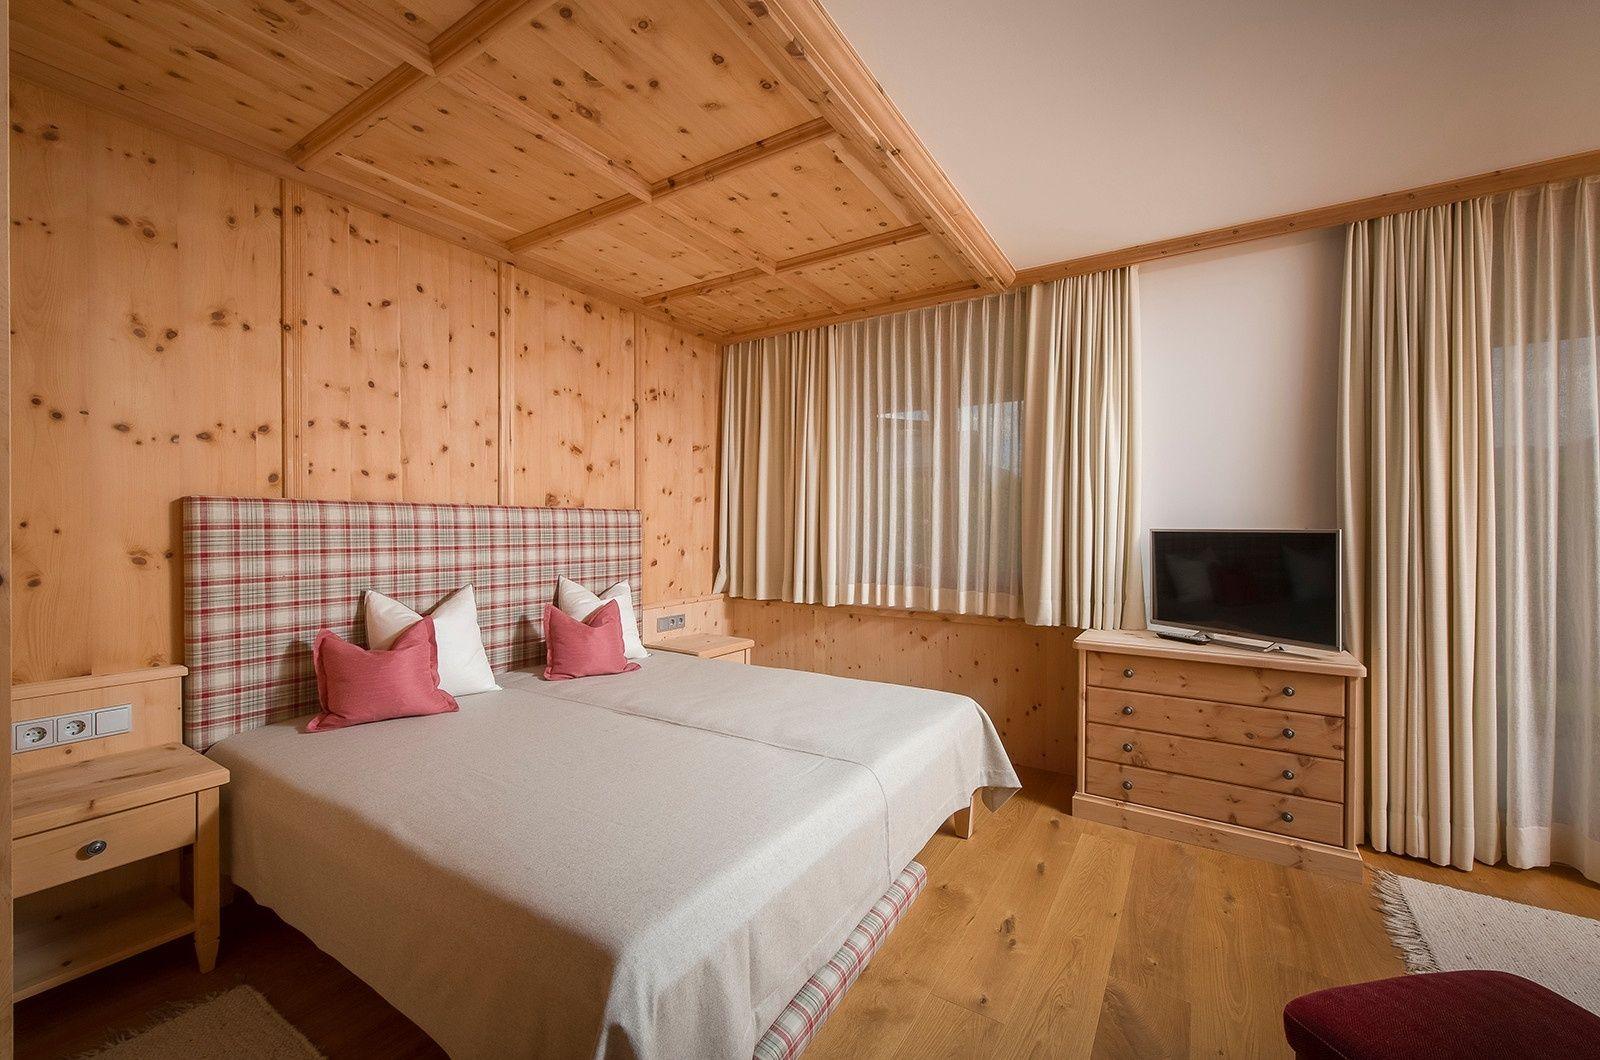 Uriges Schlafzimmer In Holz Optik Im Haus Von First Kitzbuhel In